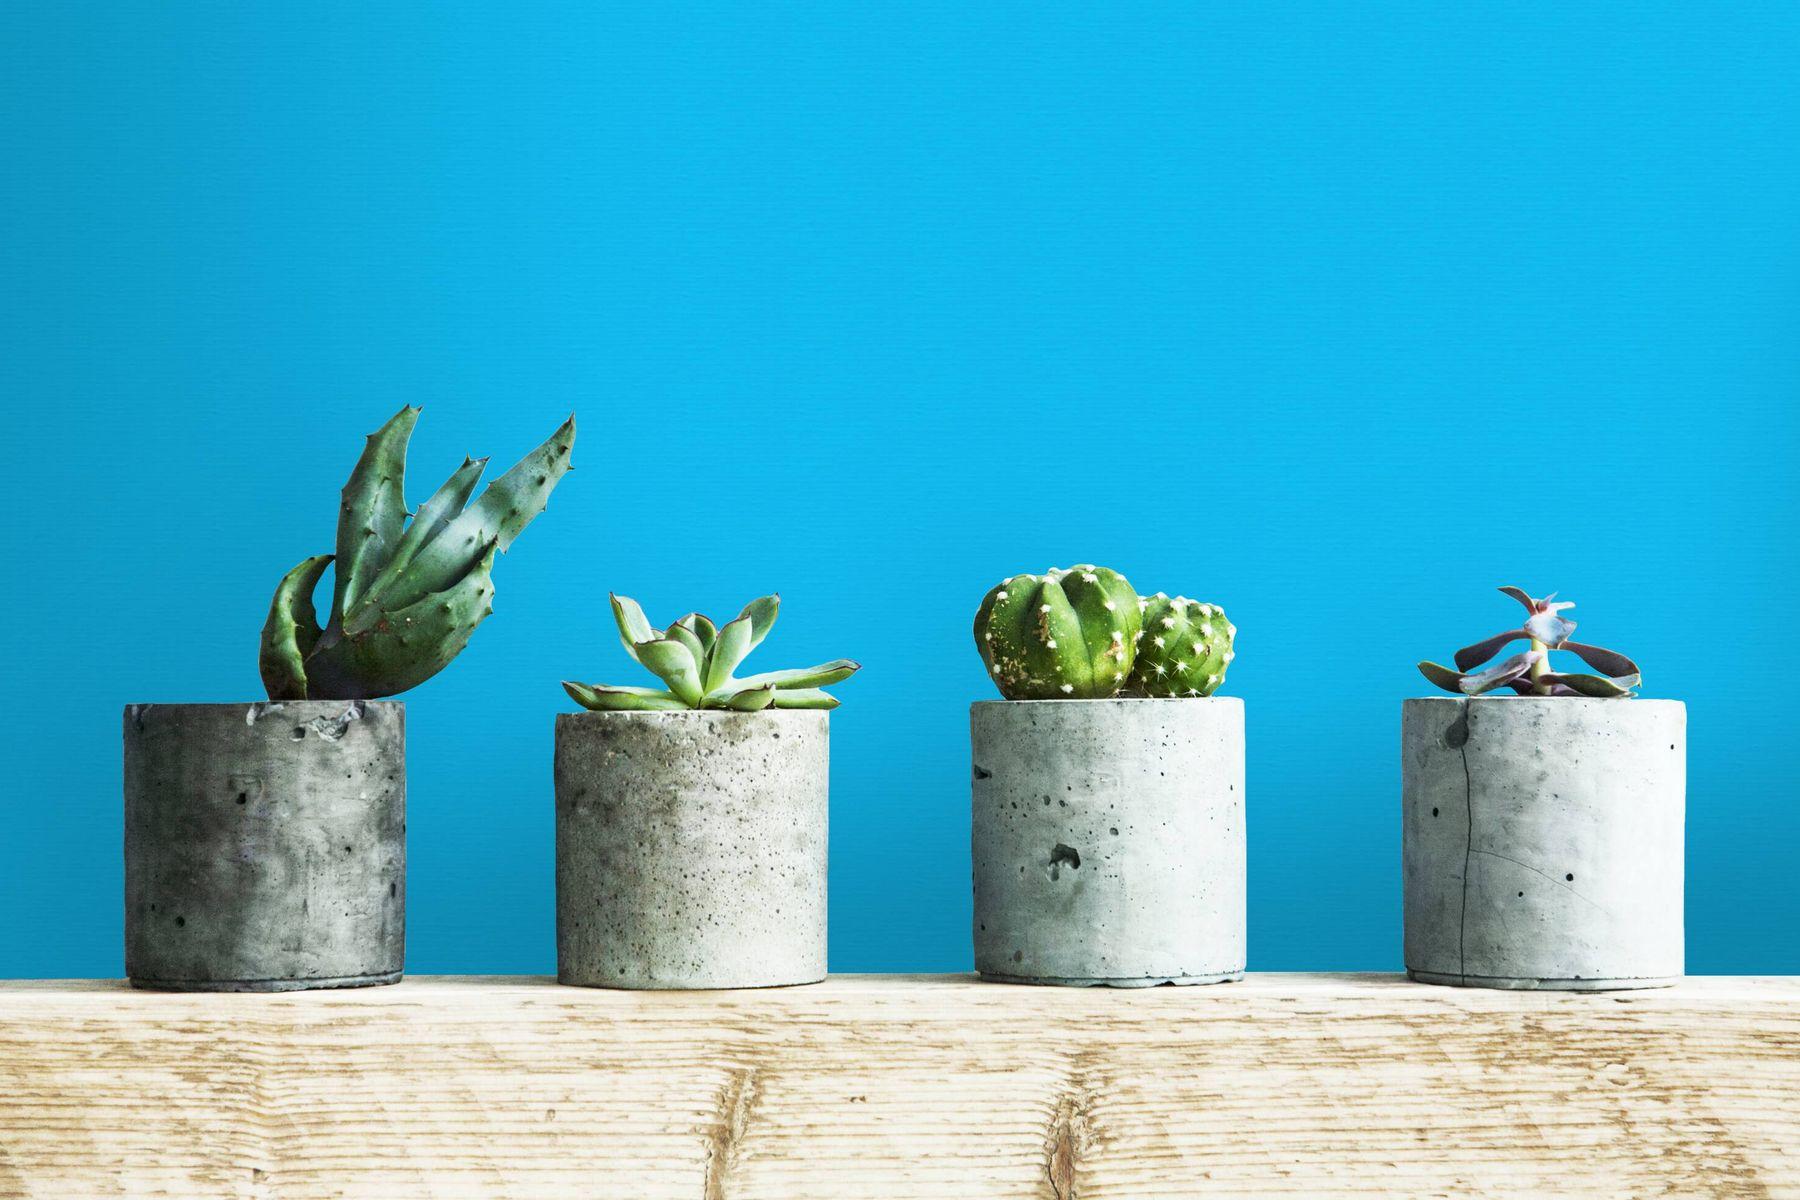 Quatro vasos pequenos com cactos em fundo azul